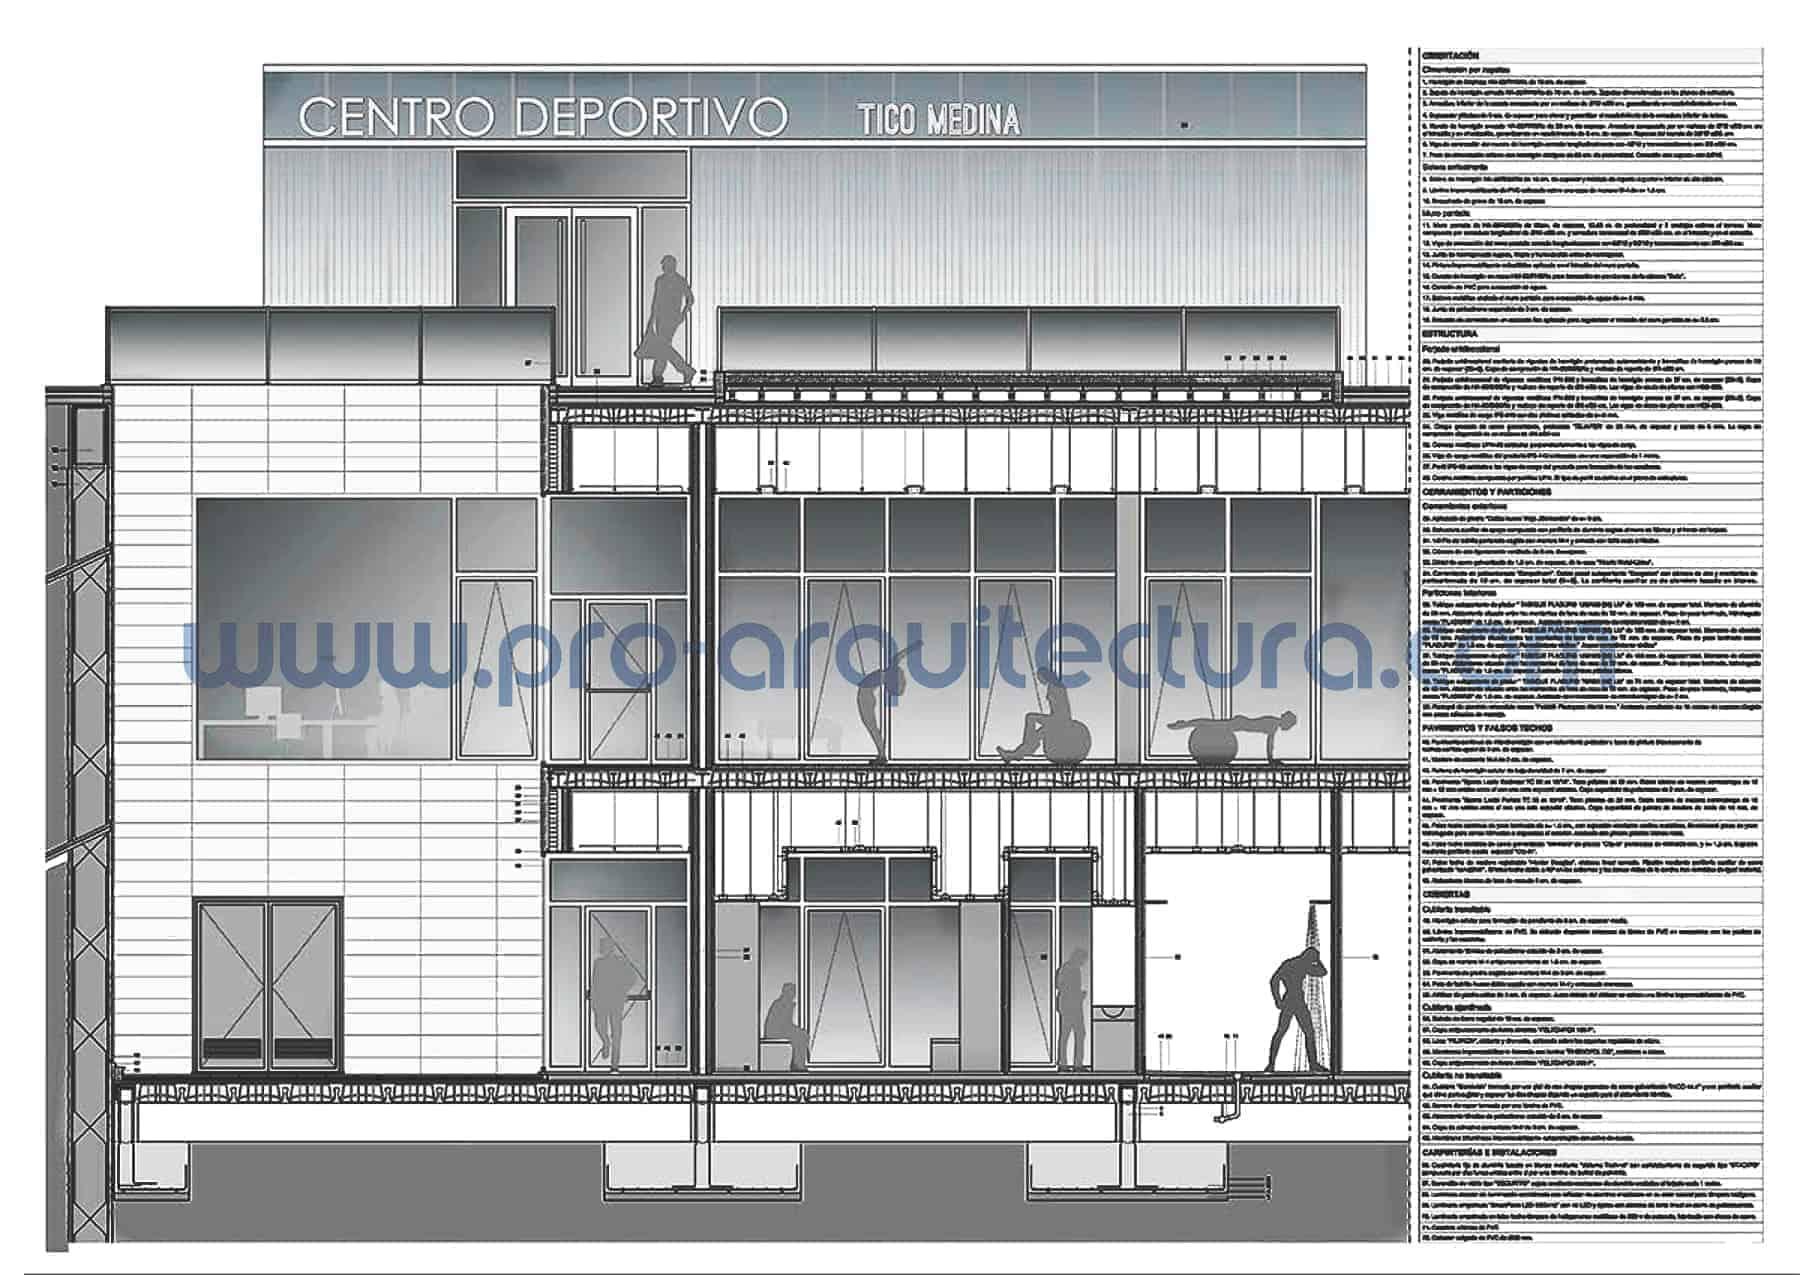 0006-01 Pabellón polideportivo - Sección y detalles constructivos - Ayuda con la entrega del pfc pfg tfg tfm de arquitectura.